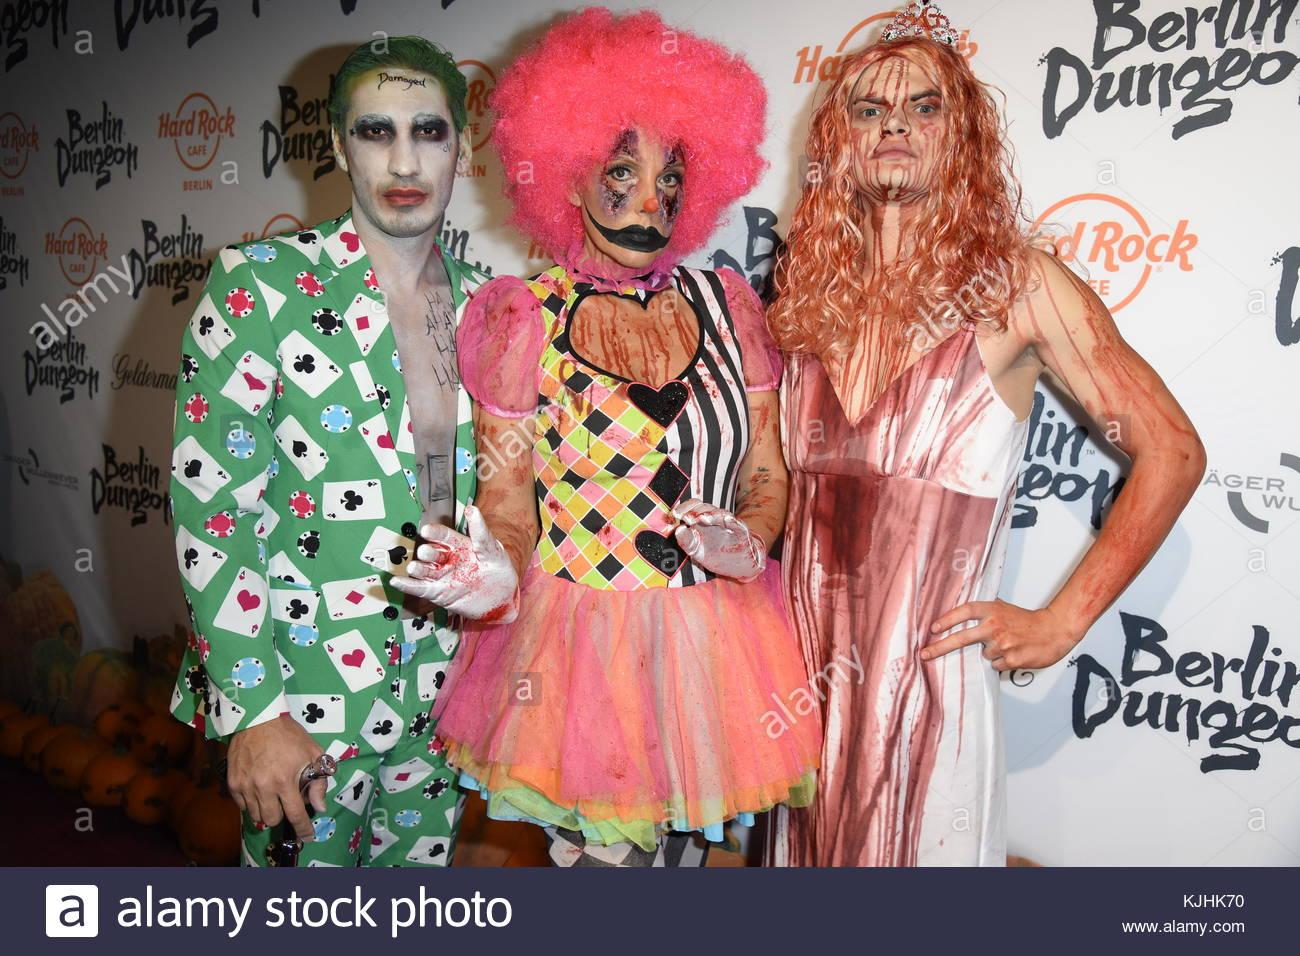 Halloween Party hosted by Natascha Ochsenknecht at Berlin Dungeon.  Featuring: Natascha Ochsenknecht, Umut Kekilli, - Stock Image